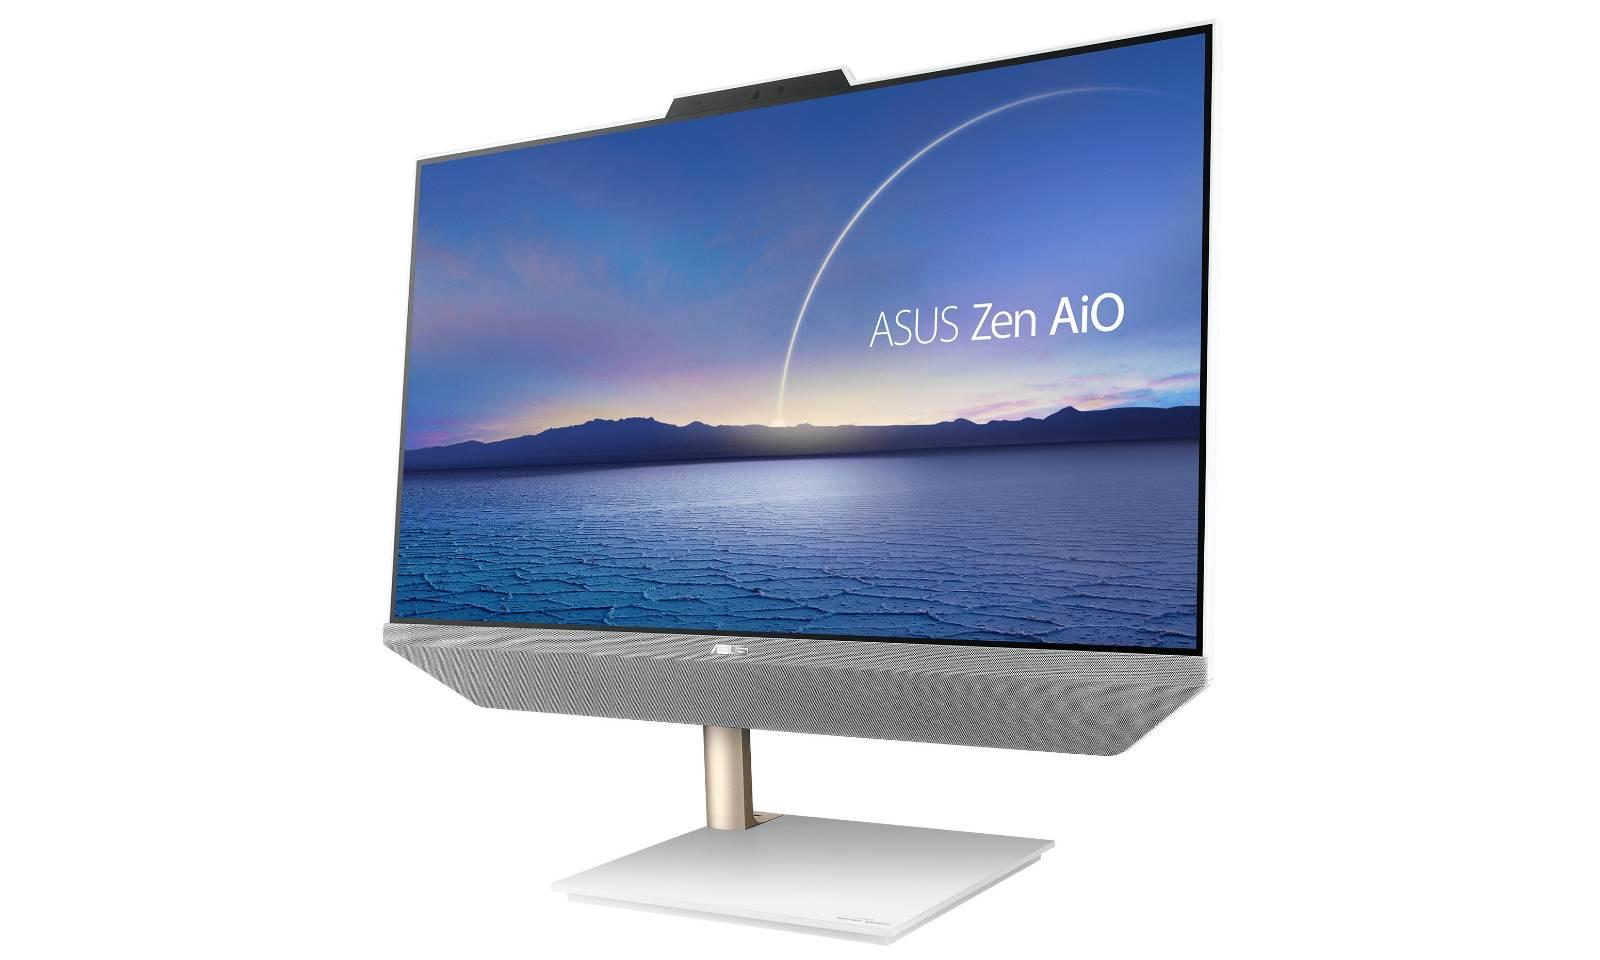 ASUS Zen AiO 24/22 (A5400/A5200)